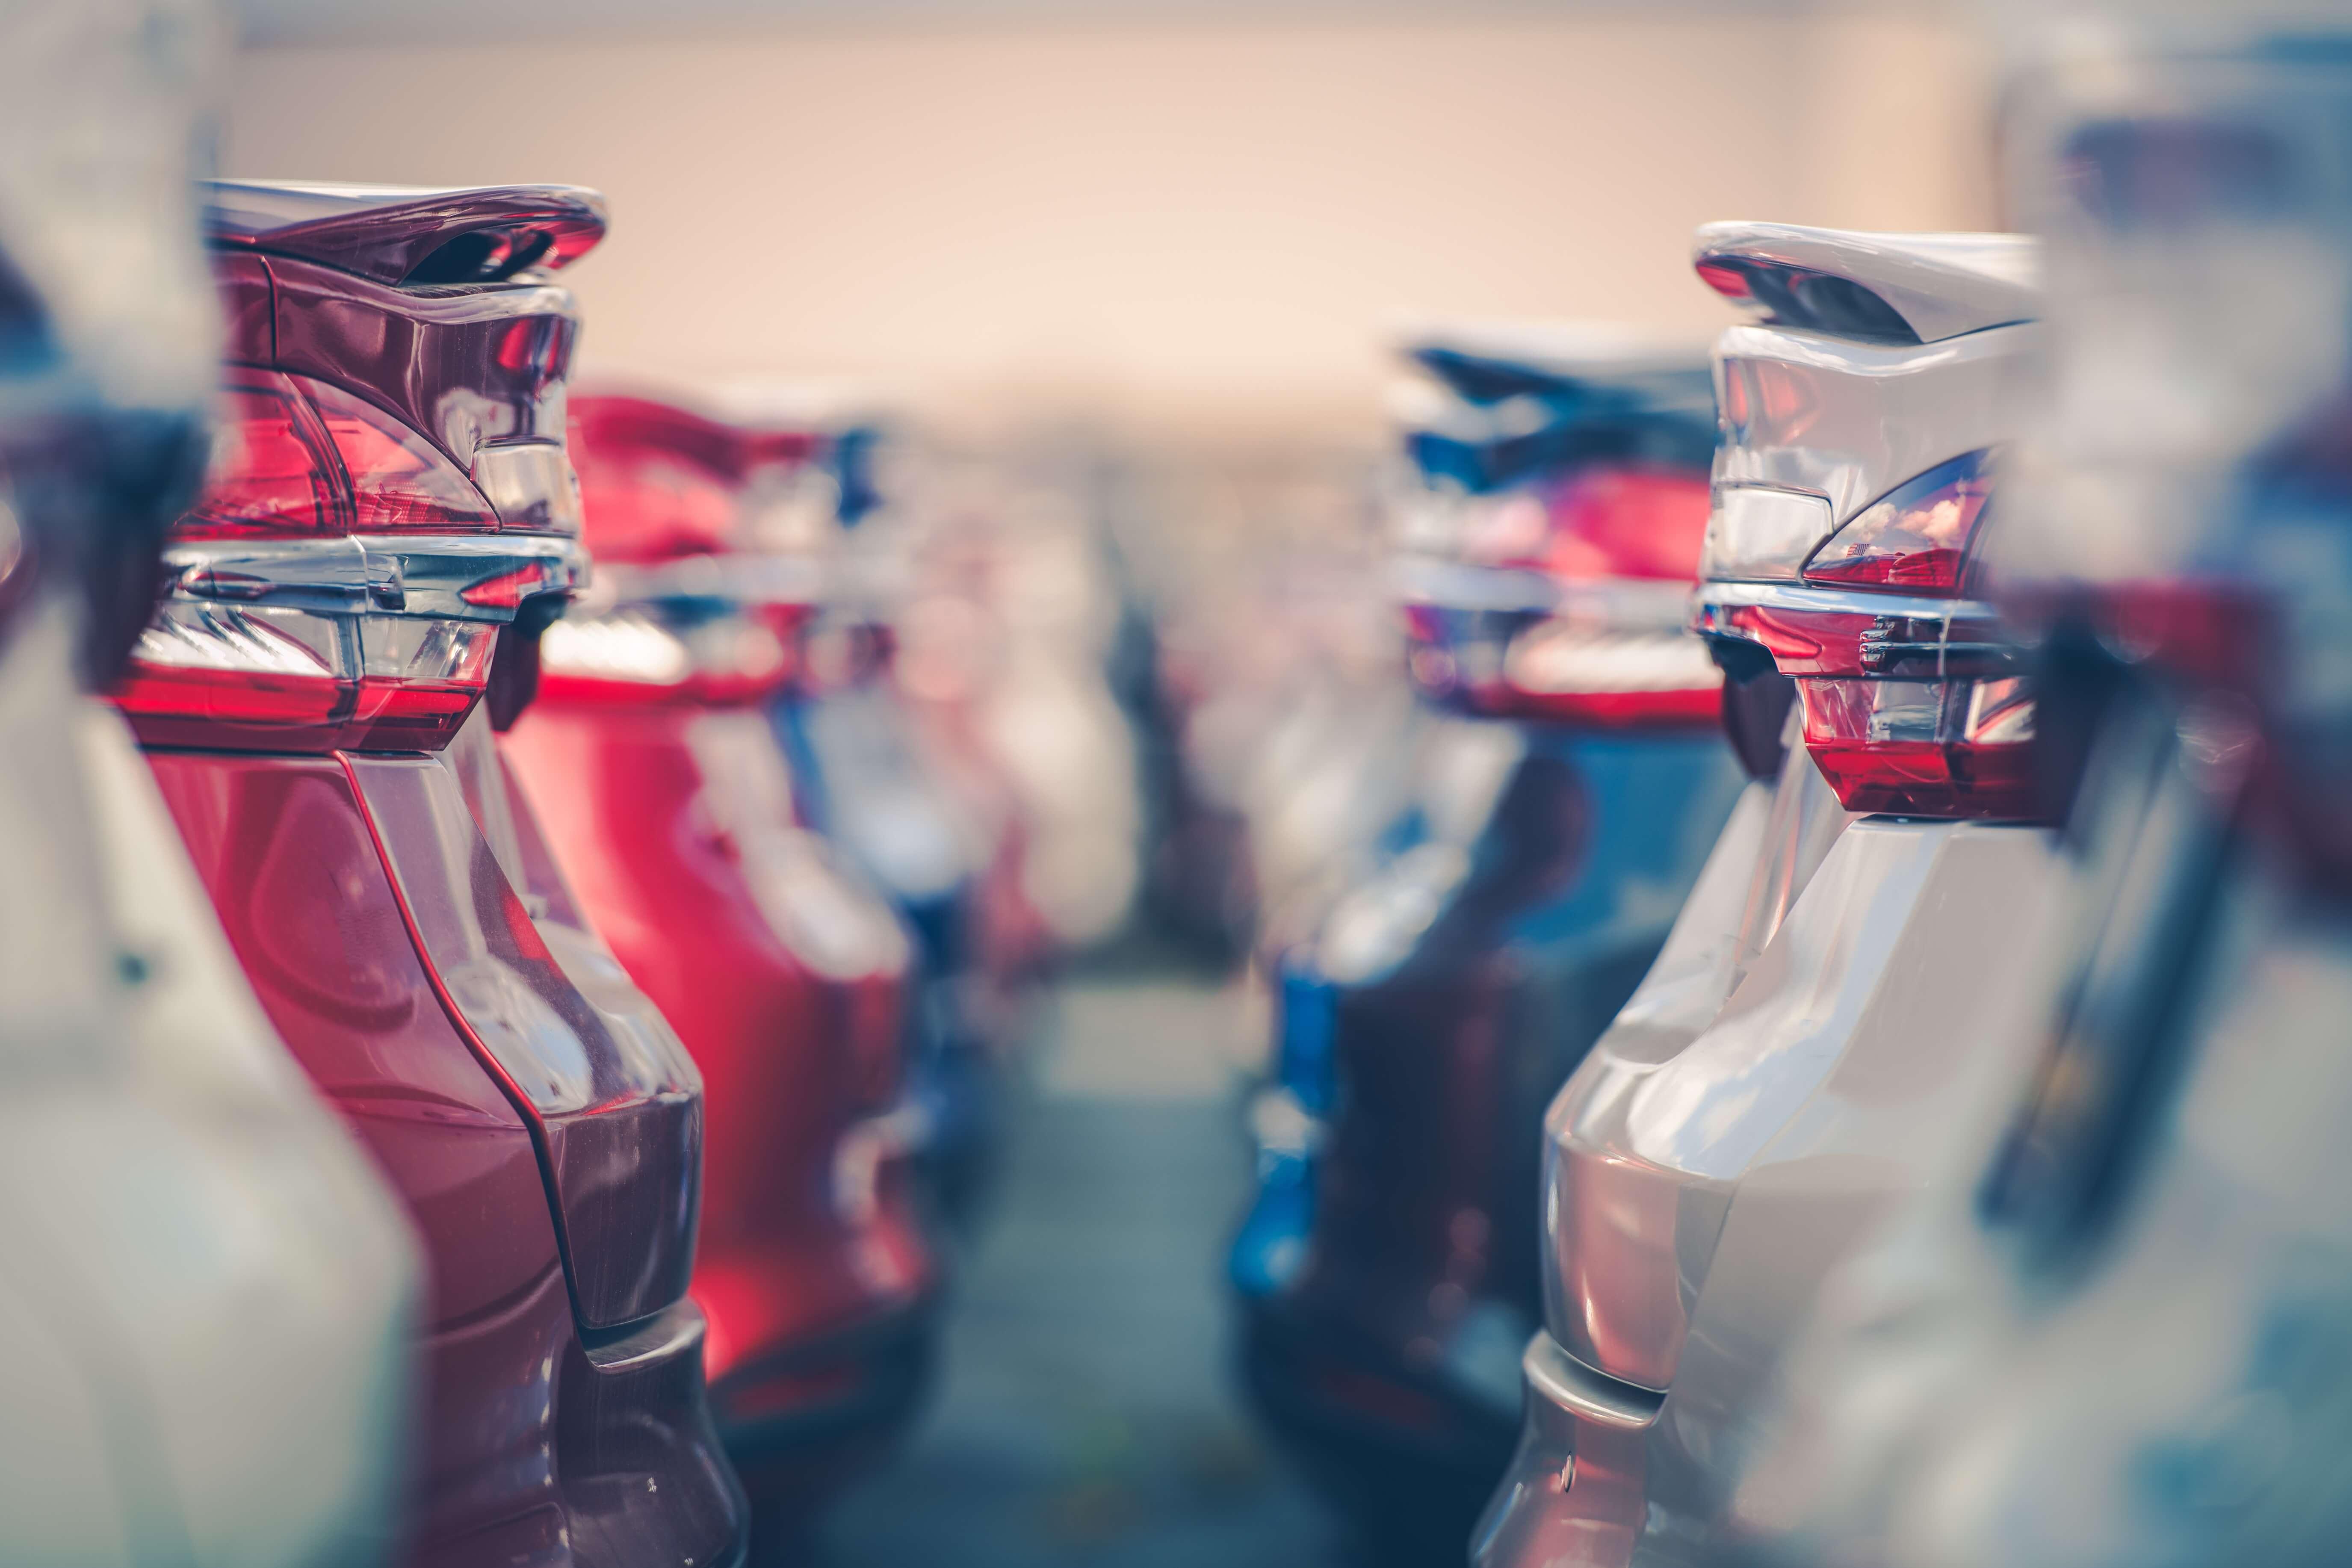 2019.8.3 英語ニュース記事:トヨタの業績見通し下方修正